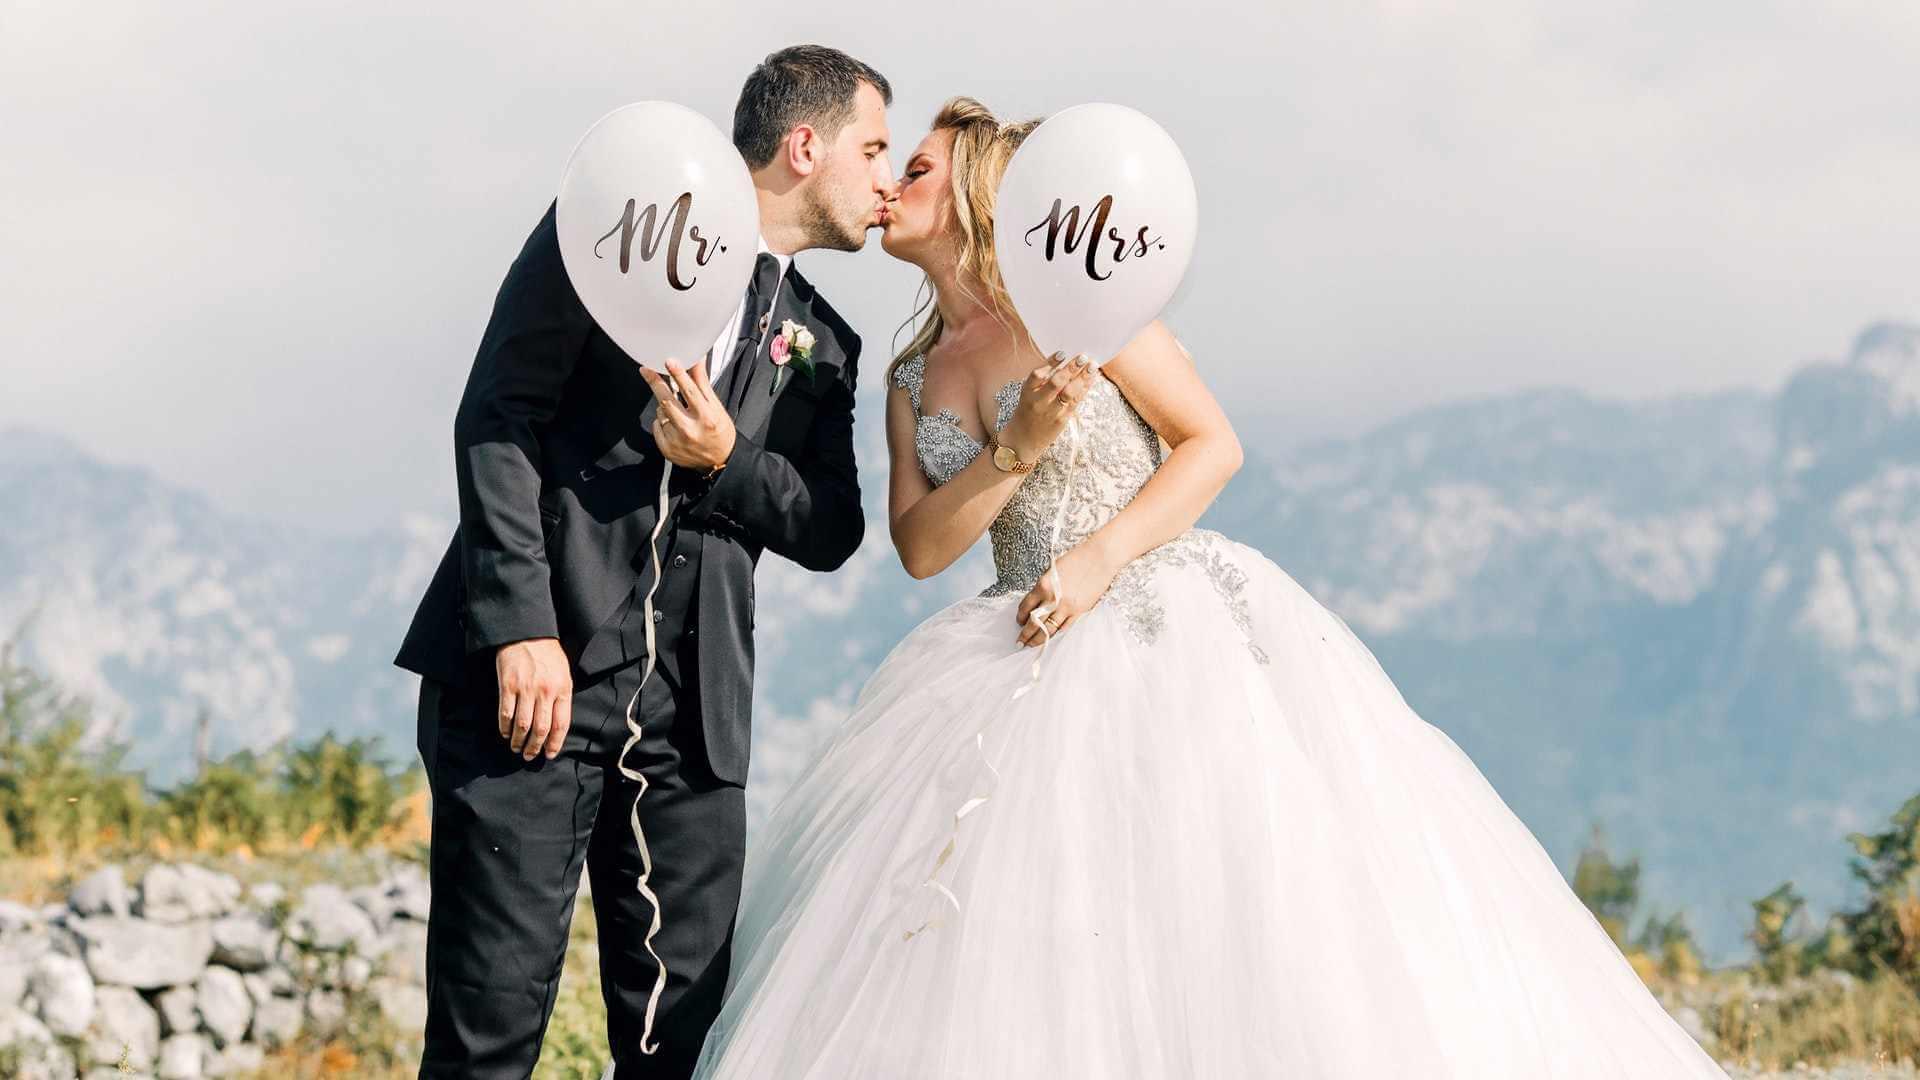 4 טיפים לחתונה מושלמת